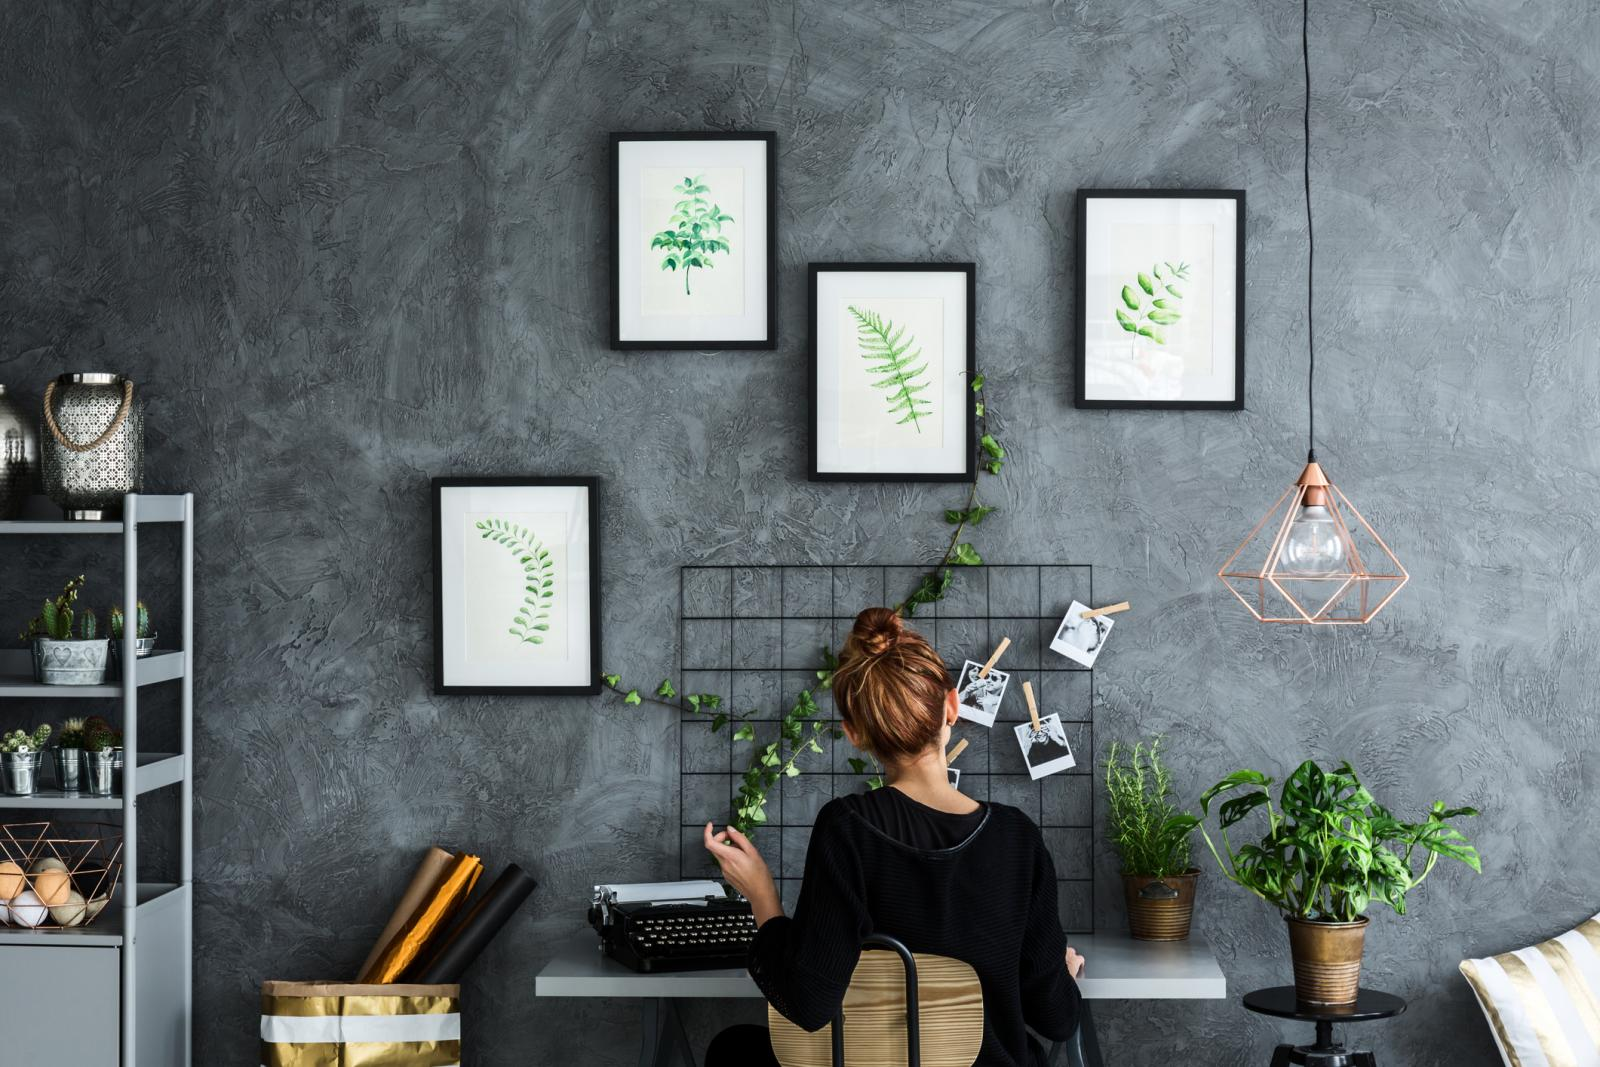 Izbor biljnog materijala diktira prostor i količina osvjetljenja koja dopire kroz prozore uredskog prostora.